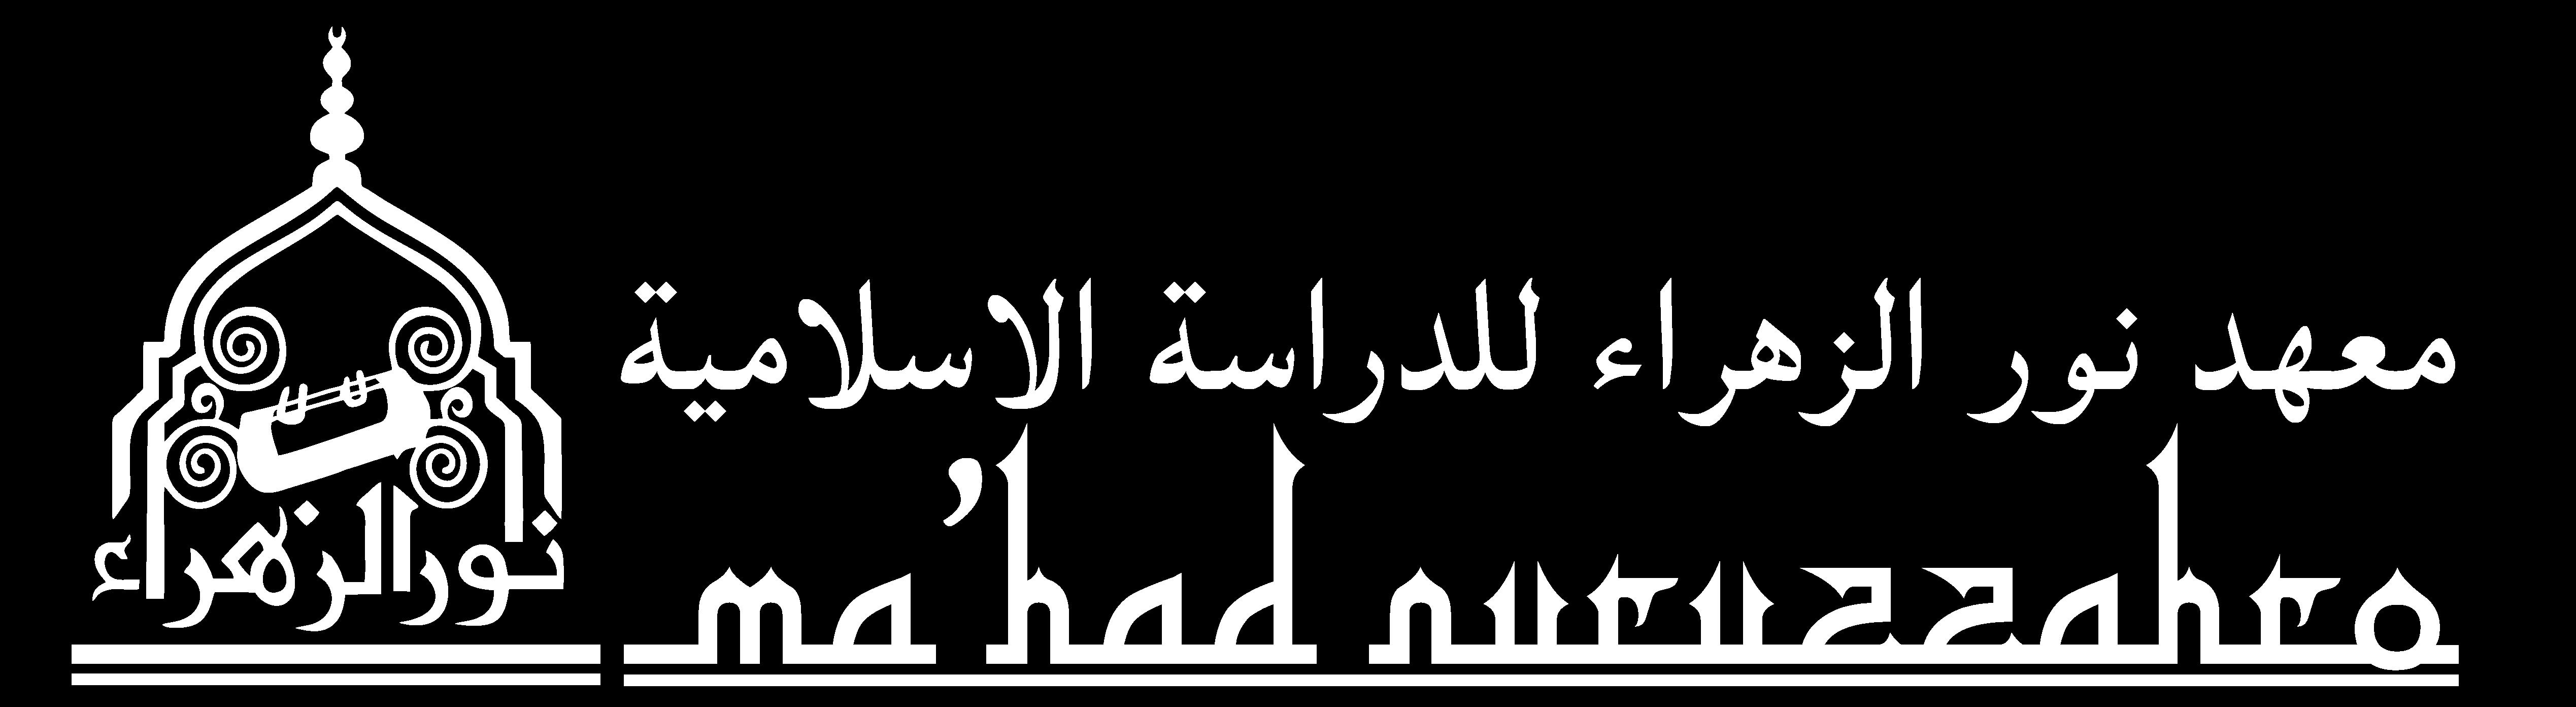 Ma'had Nuruzzahro